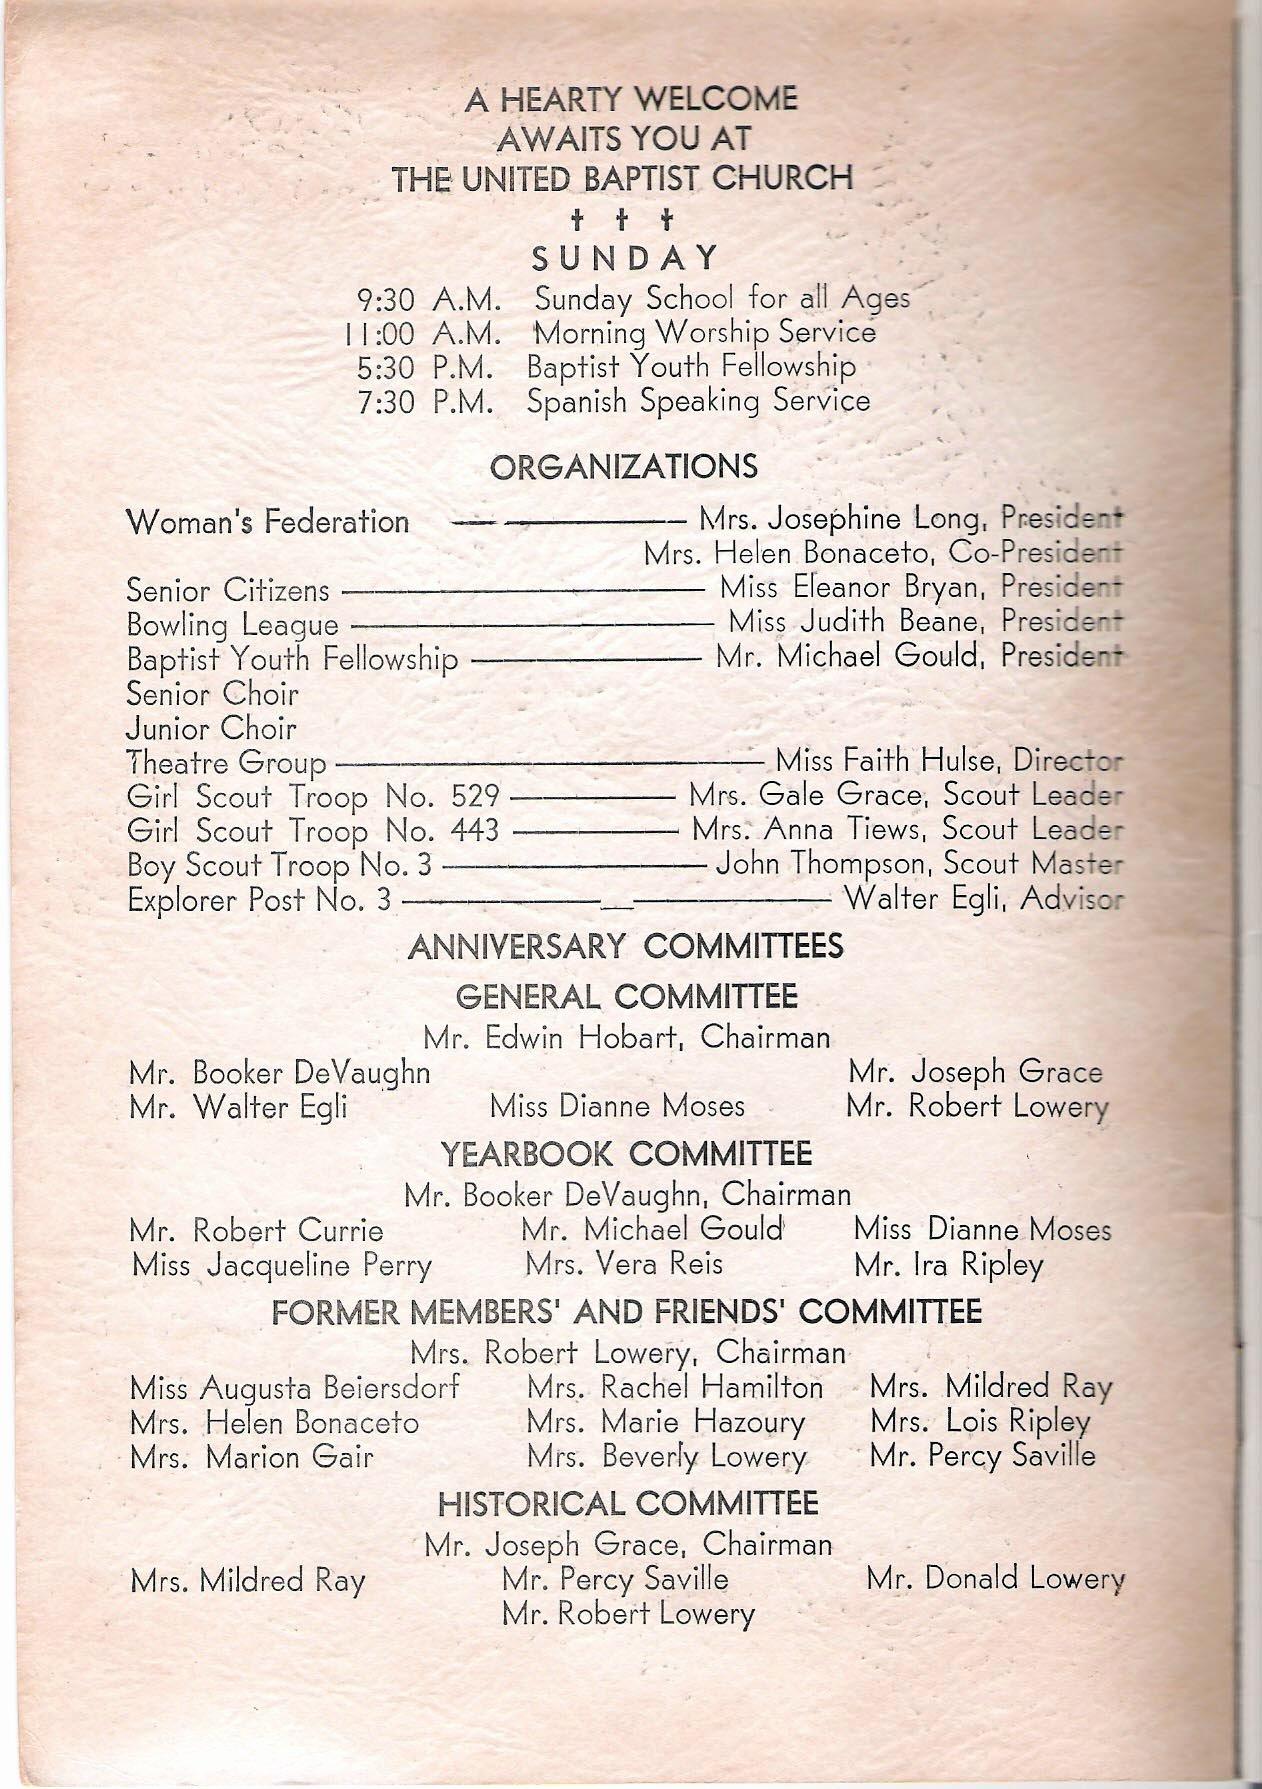 Church Banquet Program Best Of 28 Of Church Anniversary Banquet Programs Template